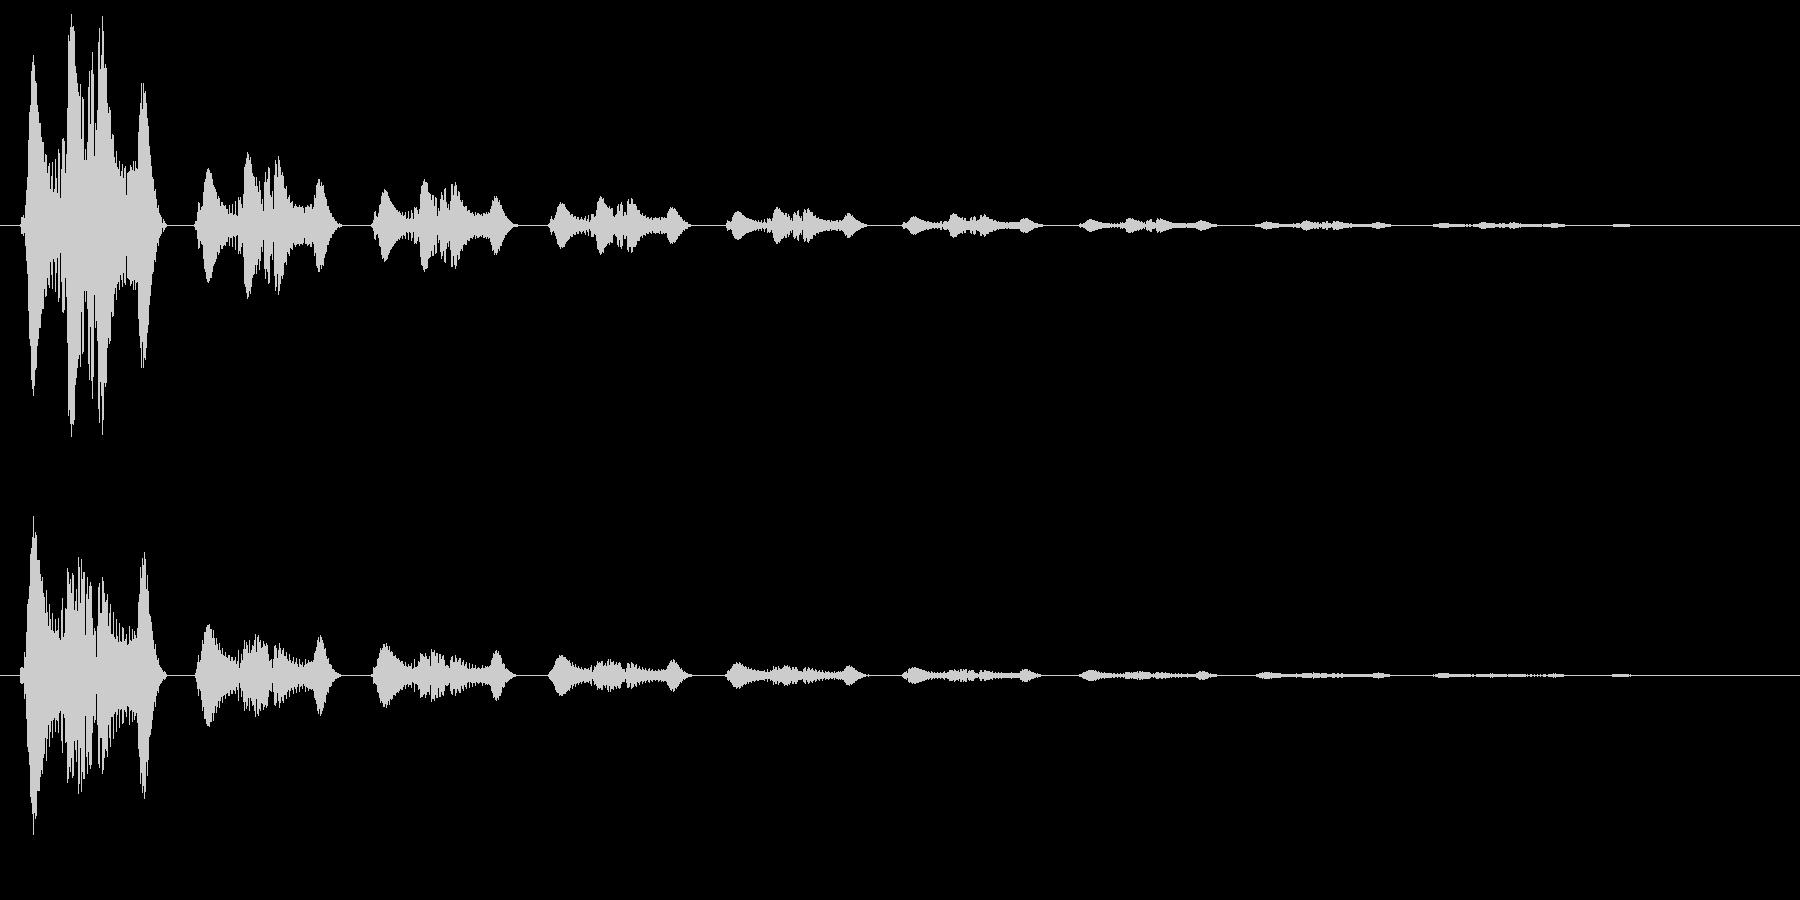 キュピーン(光が弾け飛ぶような決定音)の未再生の波形